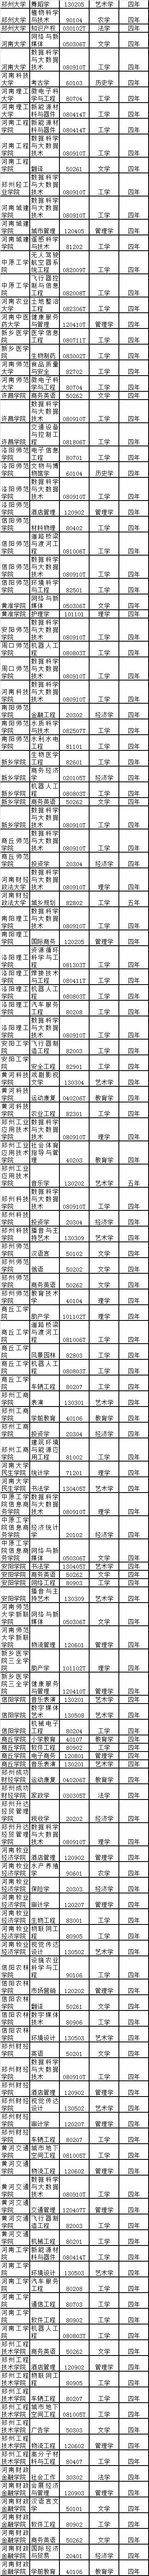 河南48所本科高校新增152个专业 看看都有哪些